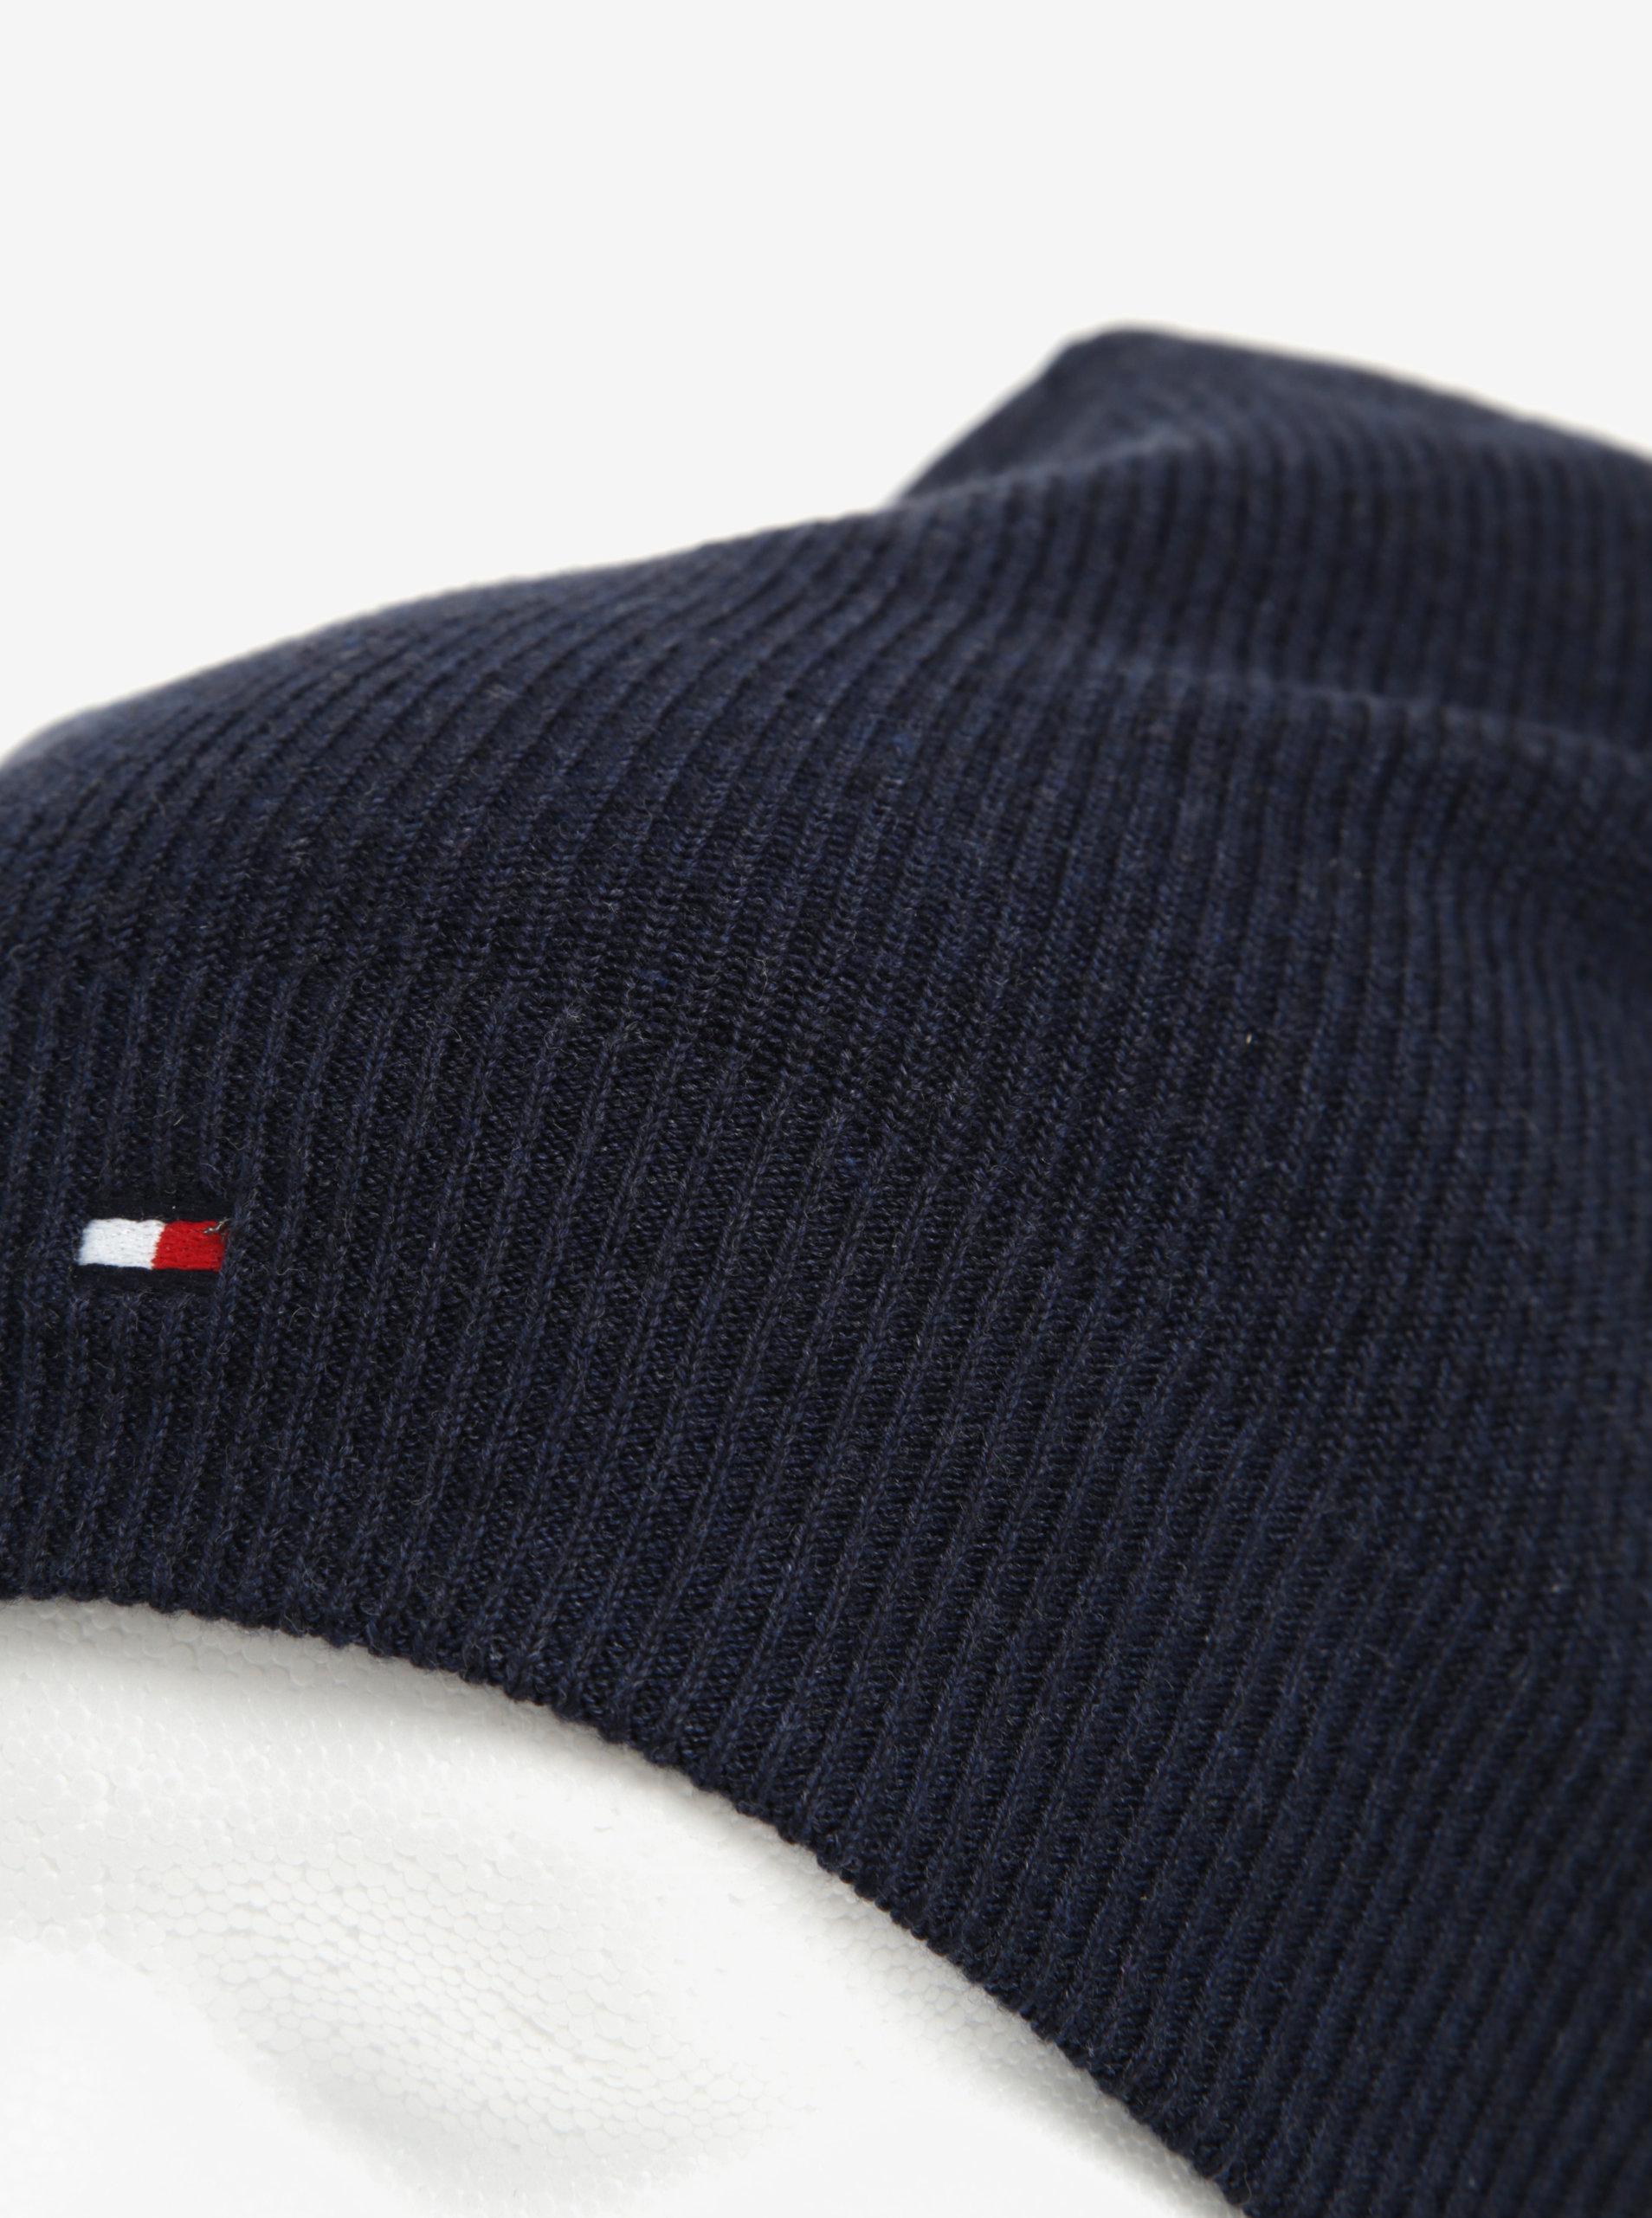 Tmavě modrá pánská čepice Tommy Hilfiger ... 5c49de616e